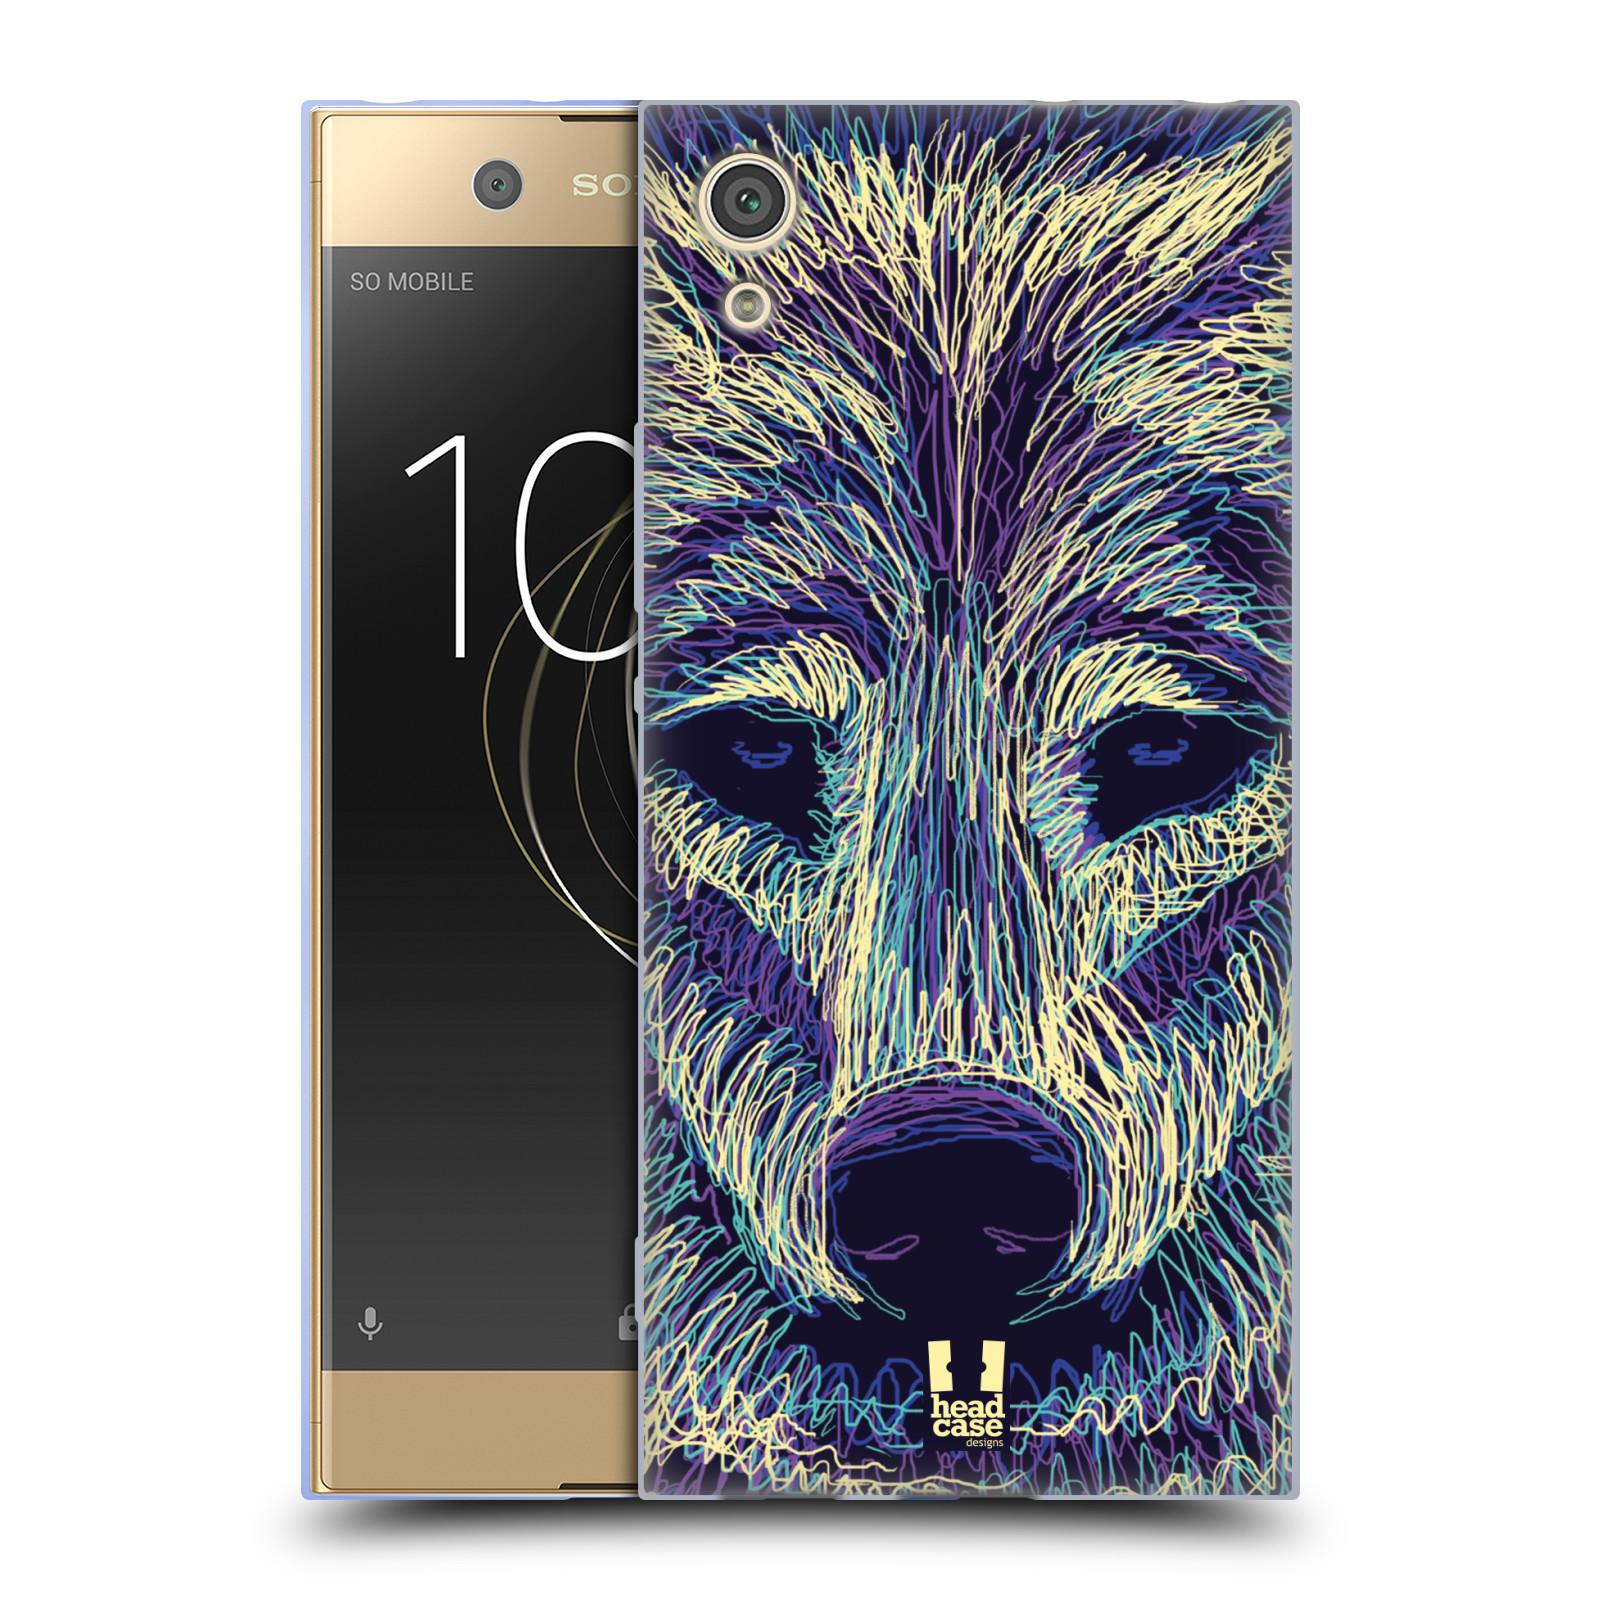 Silikonové pouzdro na mobil Sony Xperia XA1 - Head Case - SCRIBBLE VLK (Silikonový kryt či obal na mobilní telefon Sony Xperia XA1 G3121 s motivem SCRIBBLE VLK)